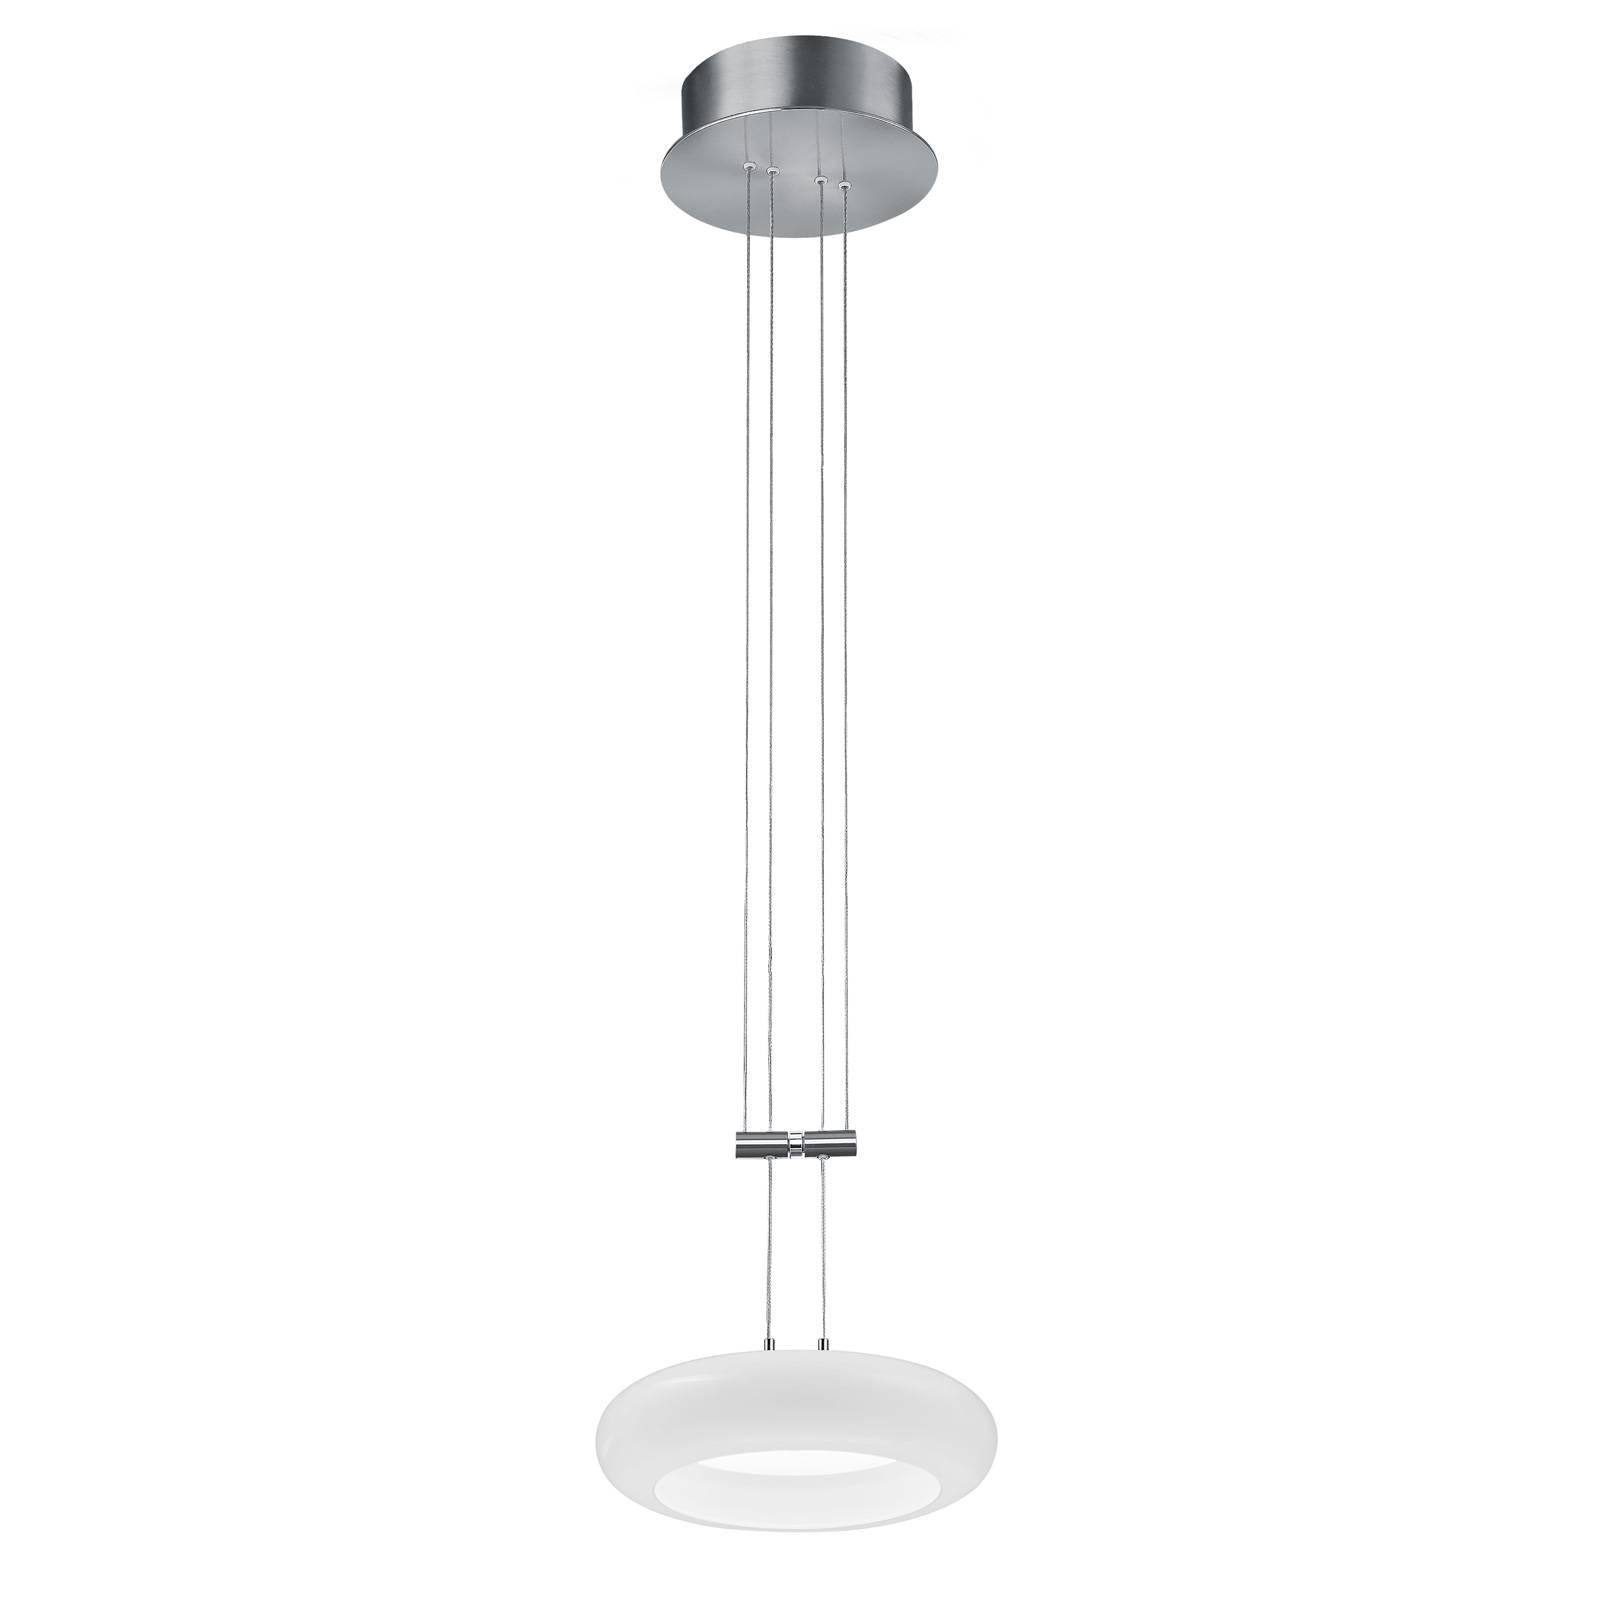 BANKAMP Centa hanglamp 1-lamp 20 cm nikkel